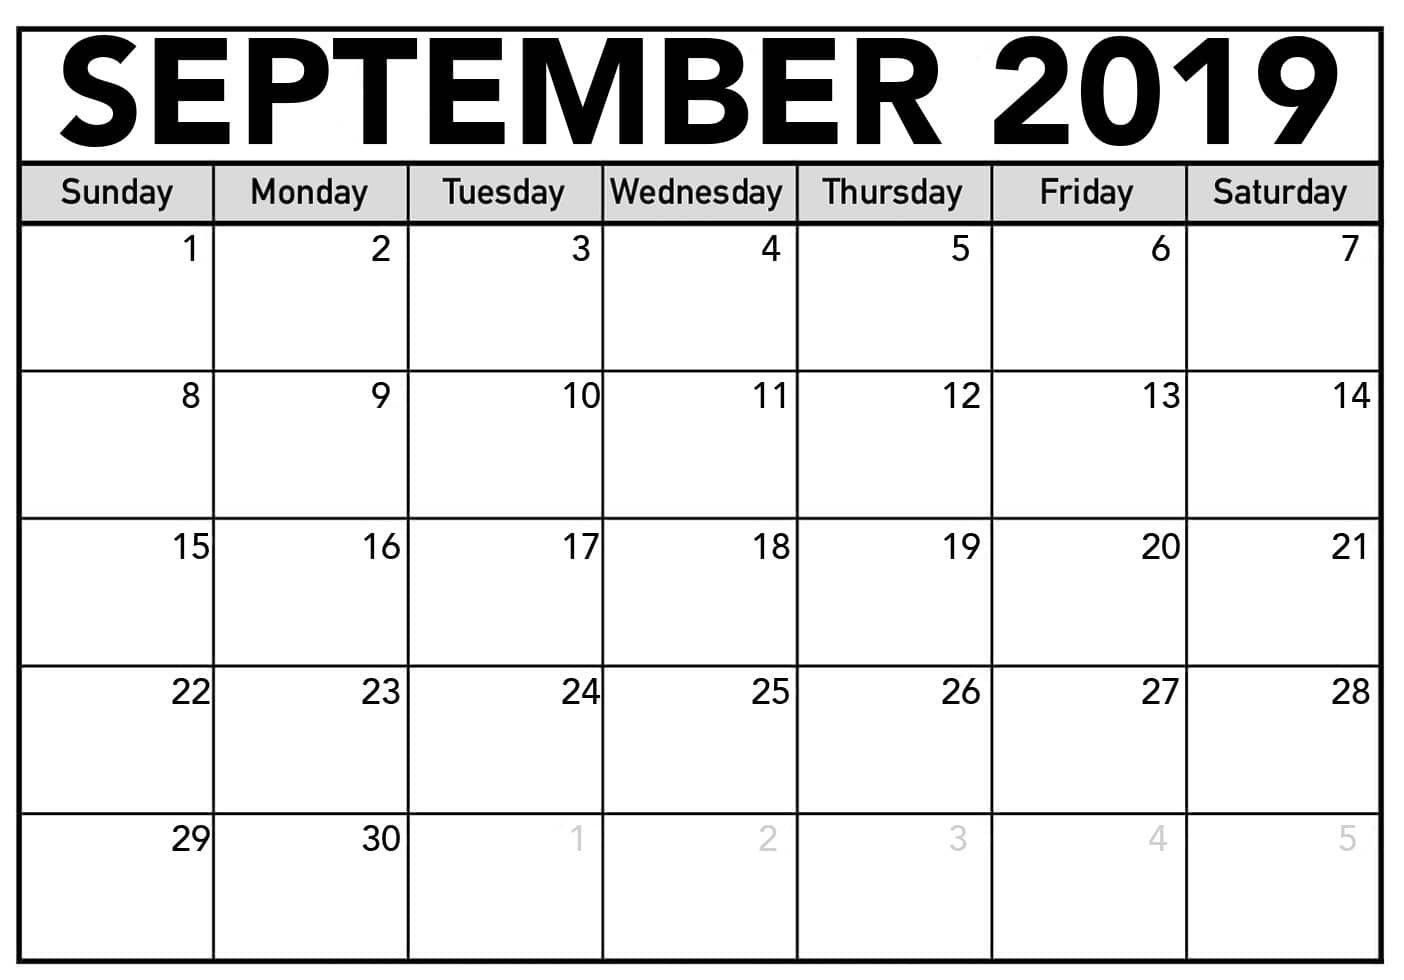 September Calendar 2019 Printable Design Template September